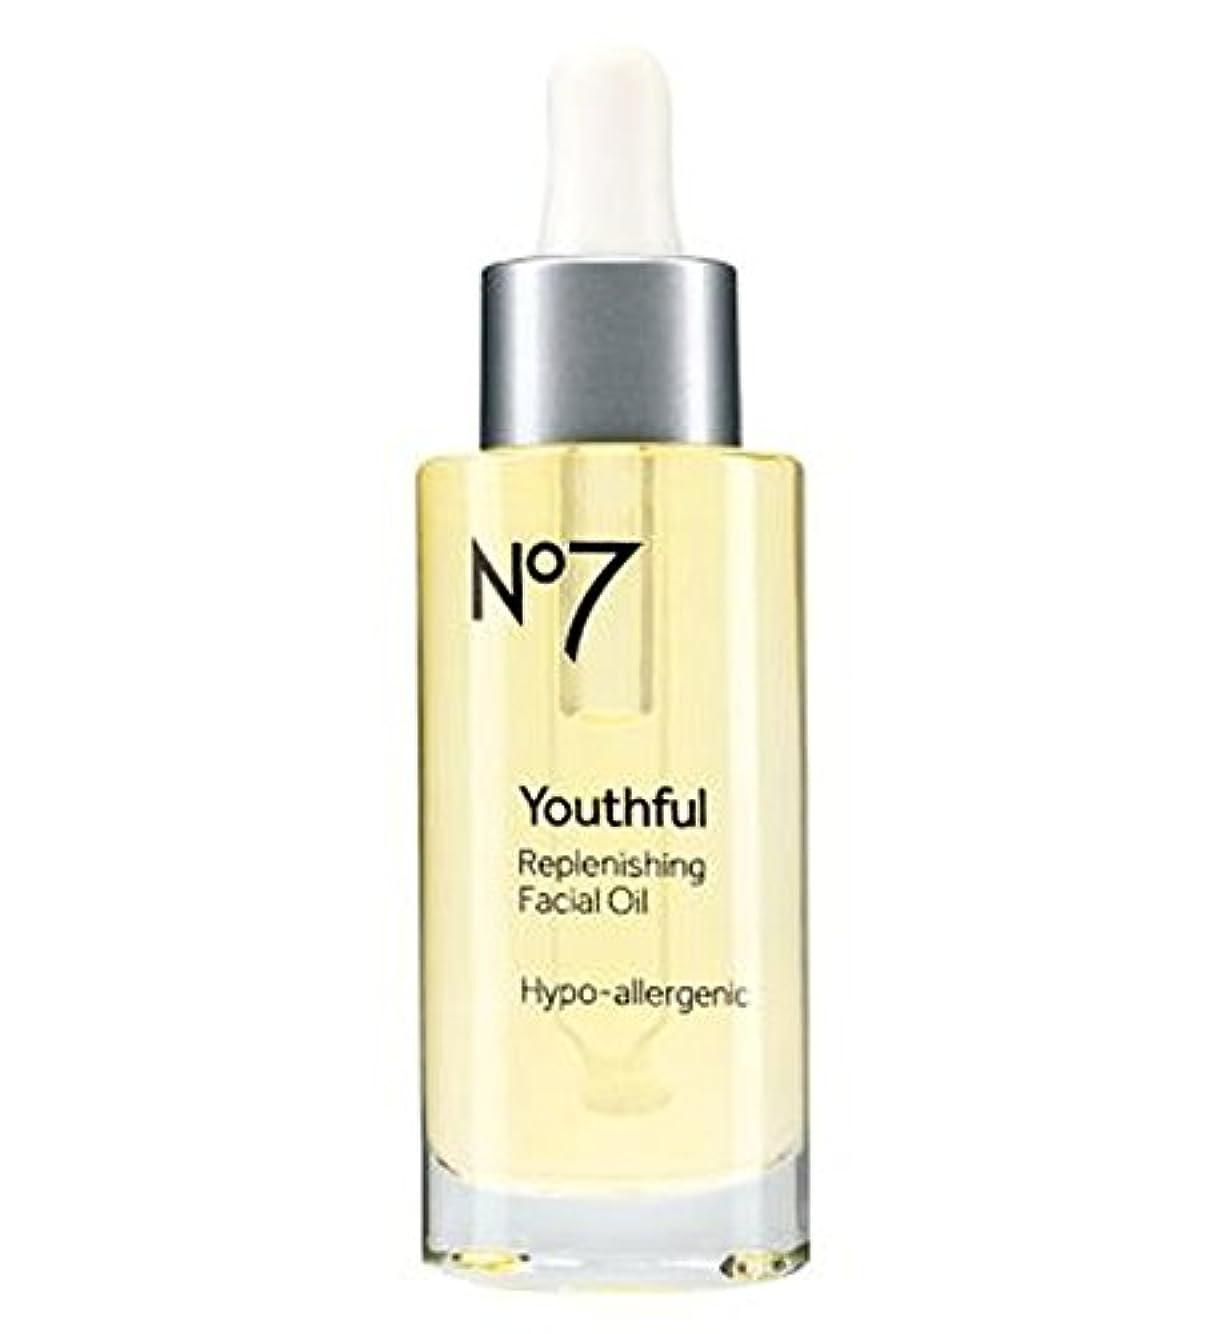 撤回するに対処するアメリカNo7 Youthful Replenishing Facial Oil 30ml - No7若々しい補給フェイシャルオイル30ミリリットル (No7) [並行輸入品]